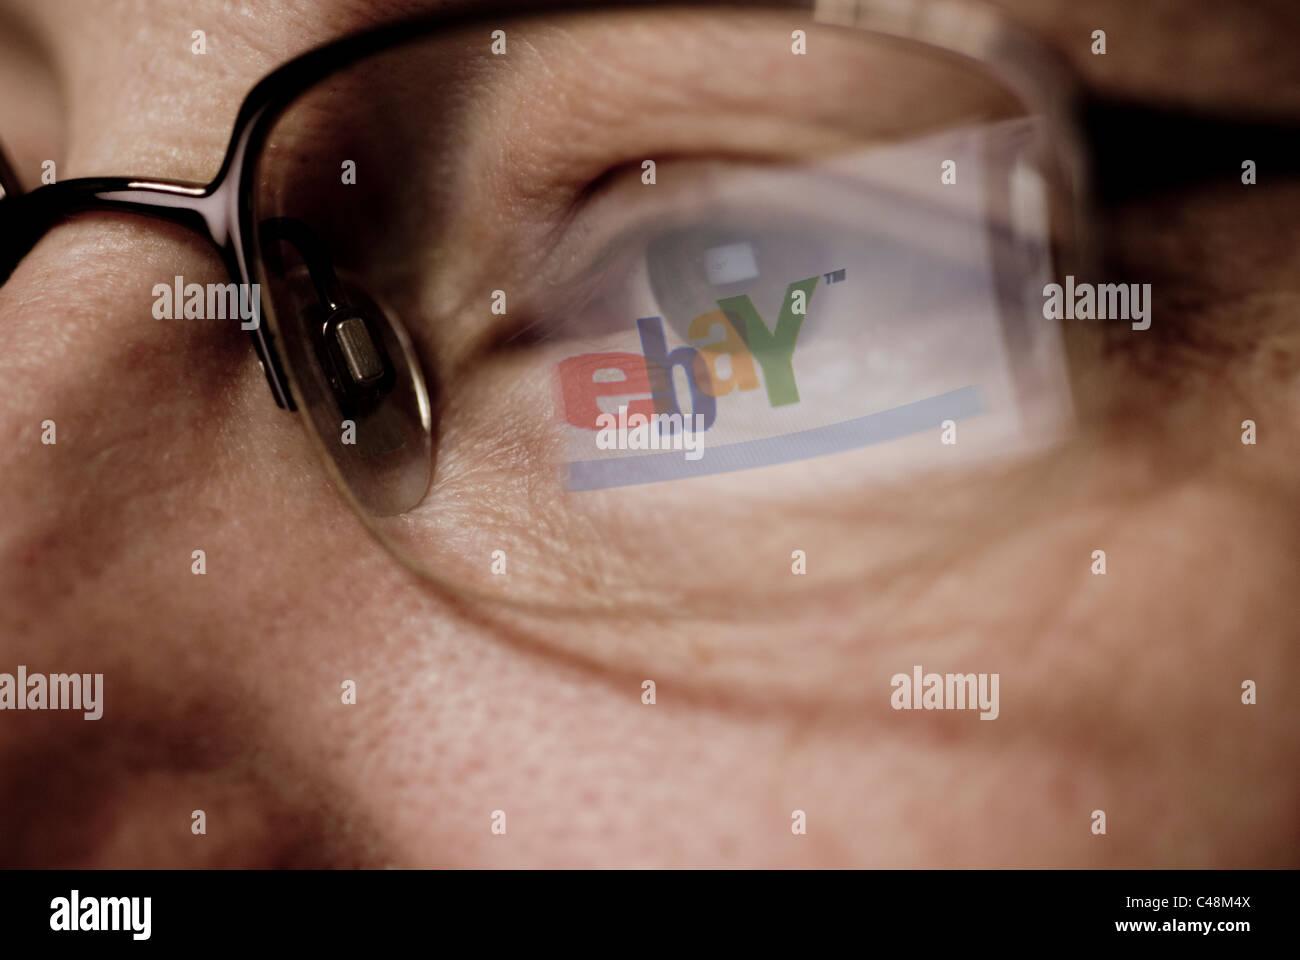 Logotipo del sitio de subastas Ebay reflejado sobre gafas Imagen De Stock